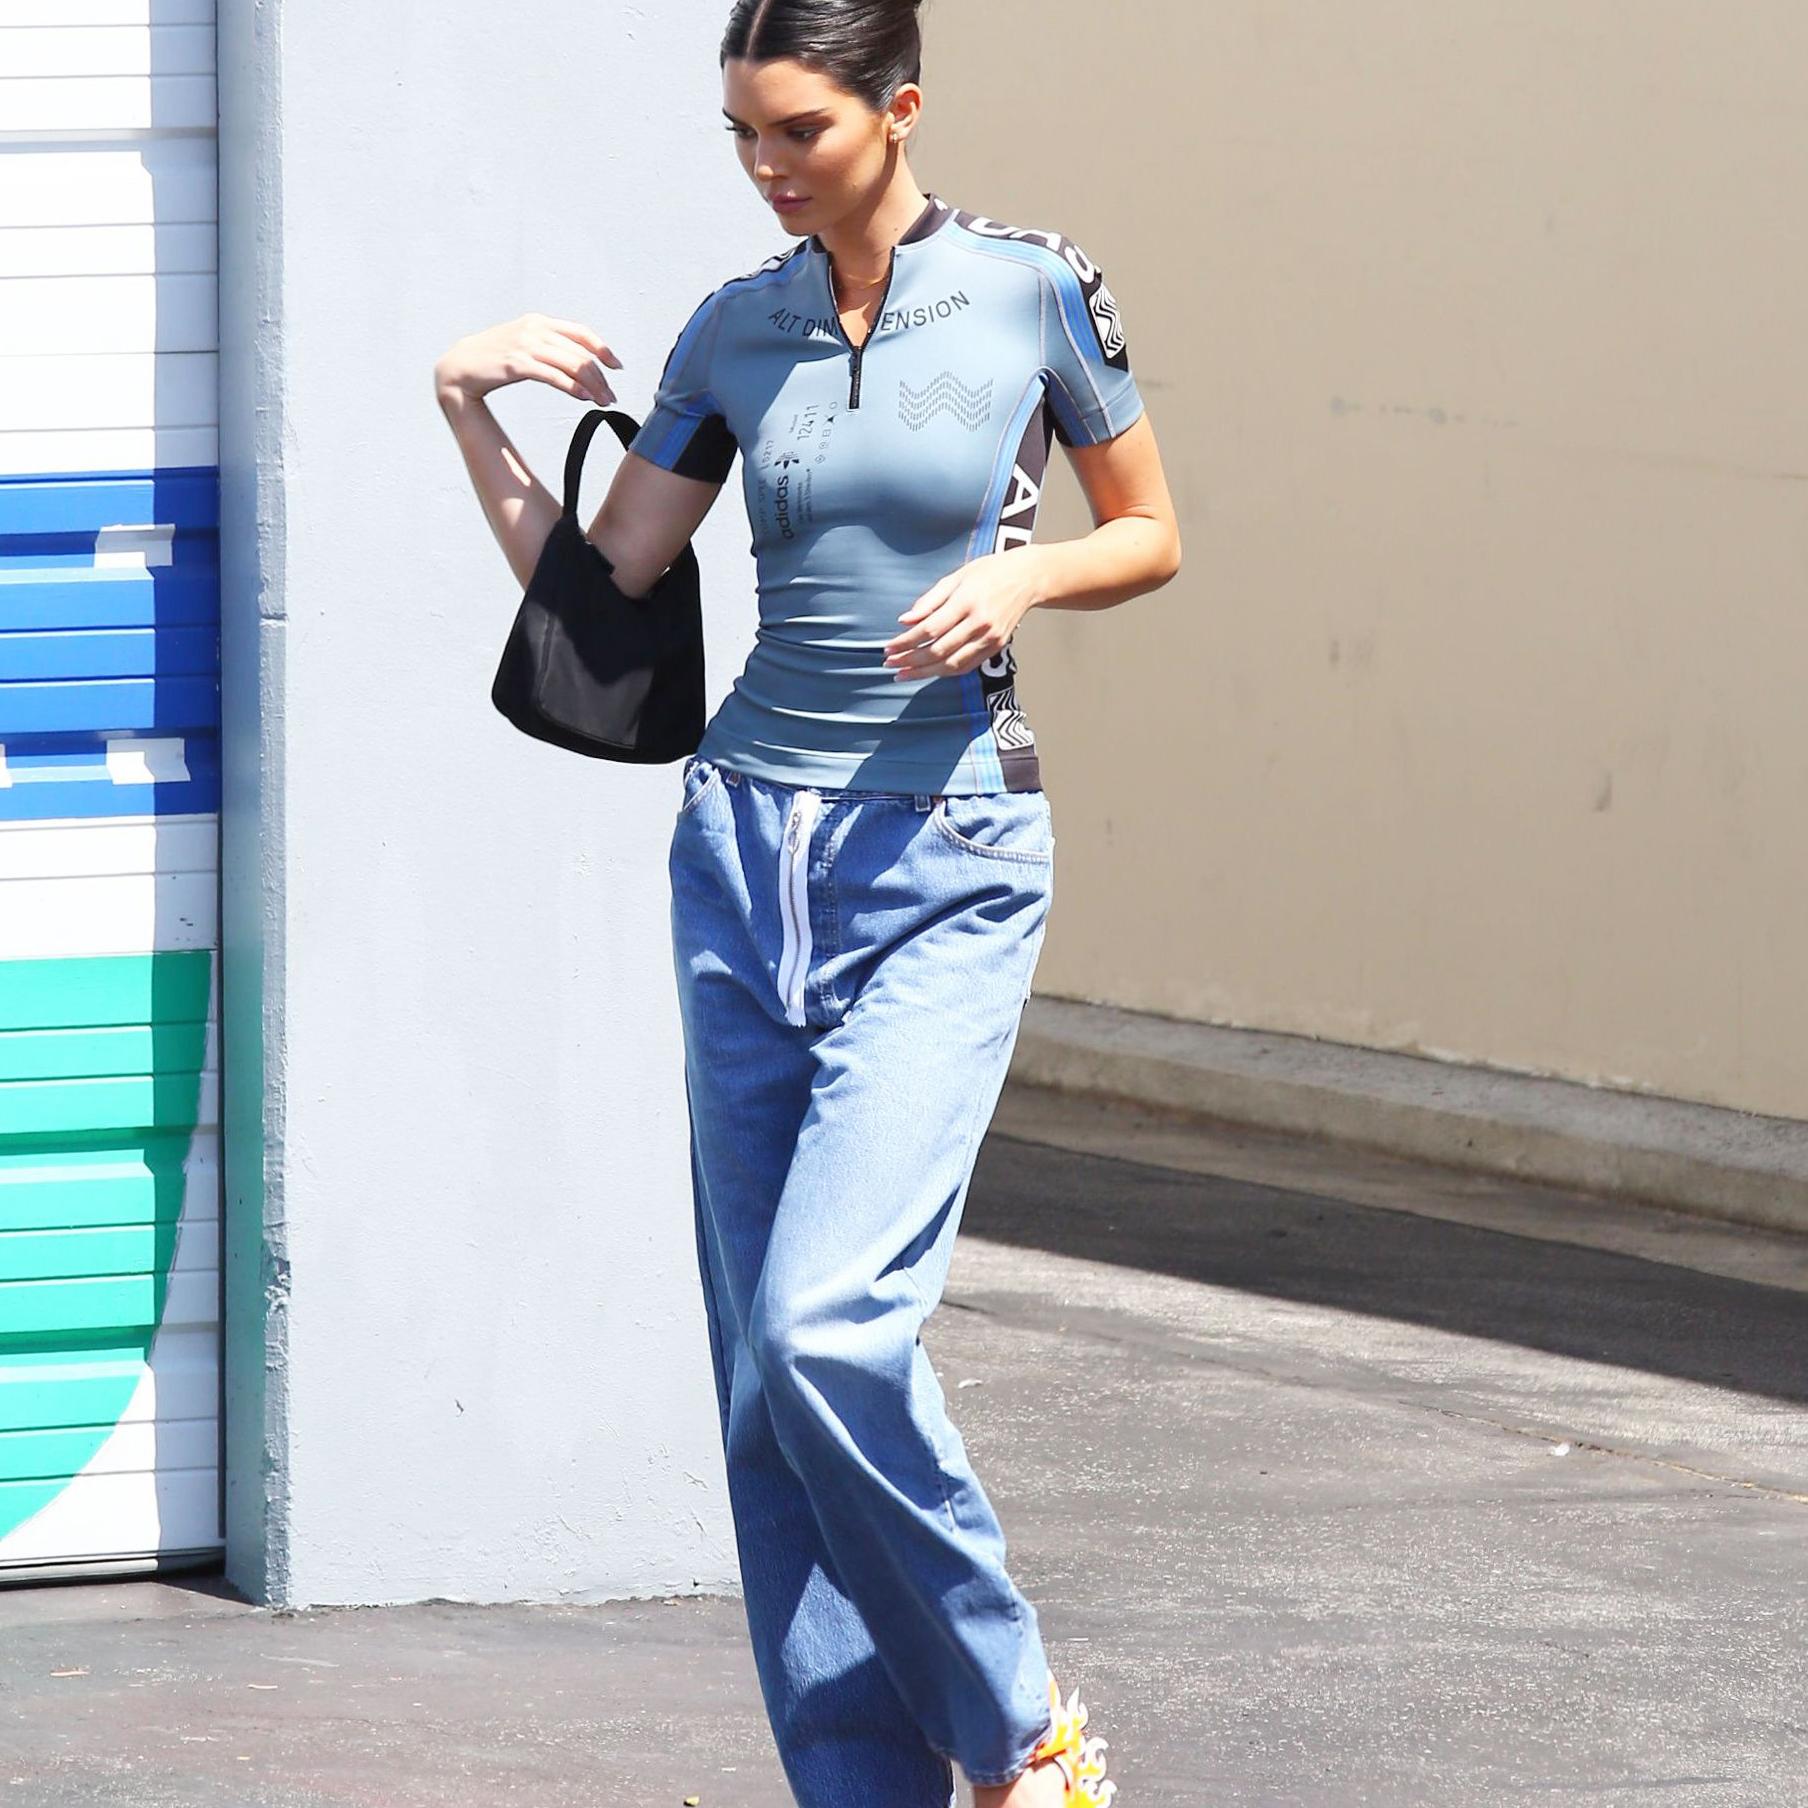 525c03258fa565 Kendall Jenner porte les chaussures les plus audacieuses du moment - Elle